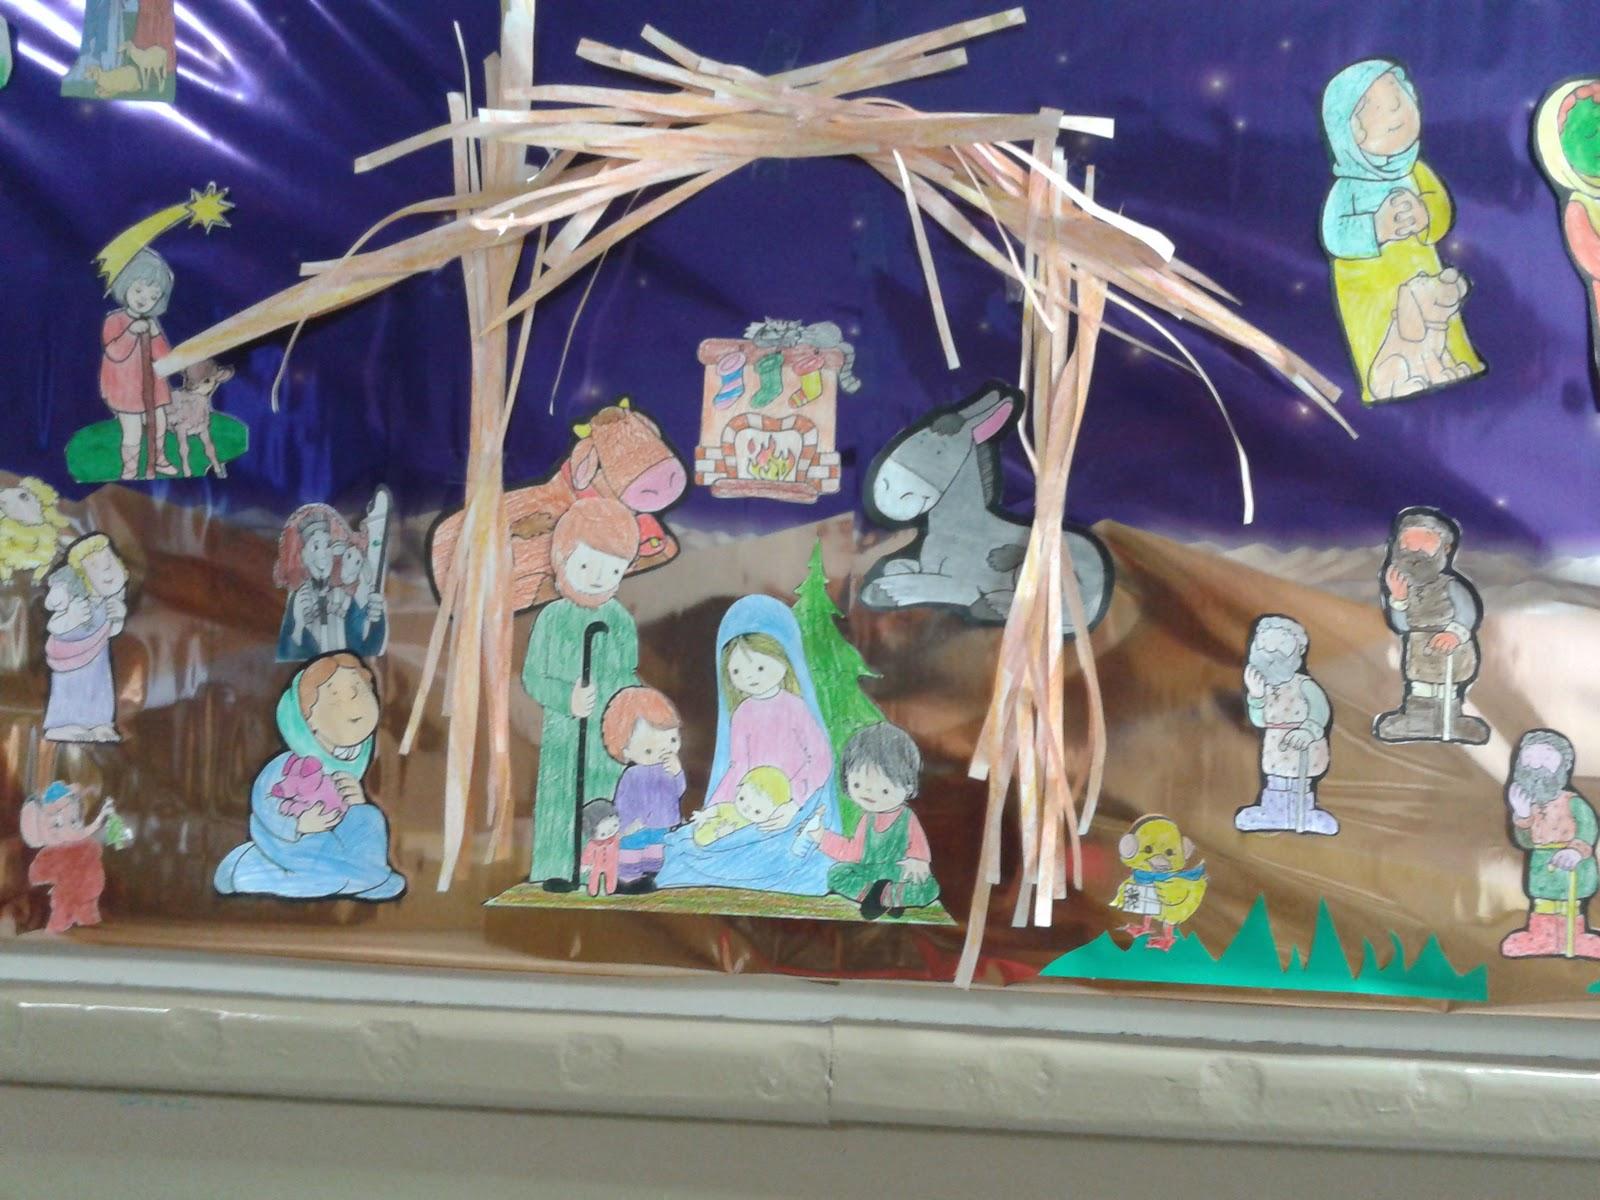 Infantil con alicia mural de navidad - Murales decorativos de navidad ...